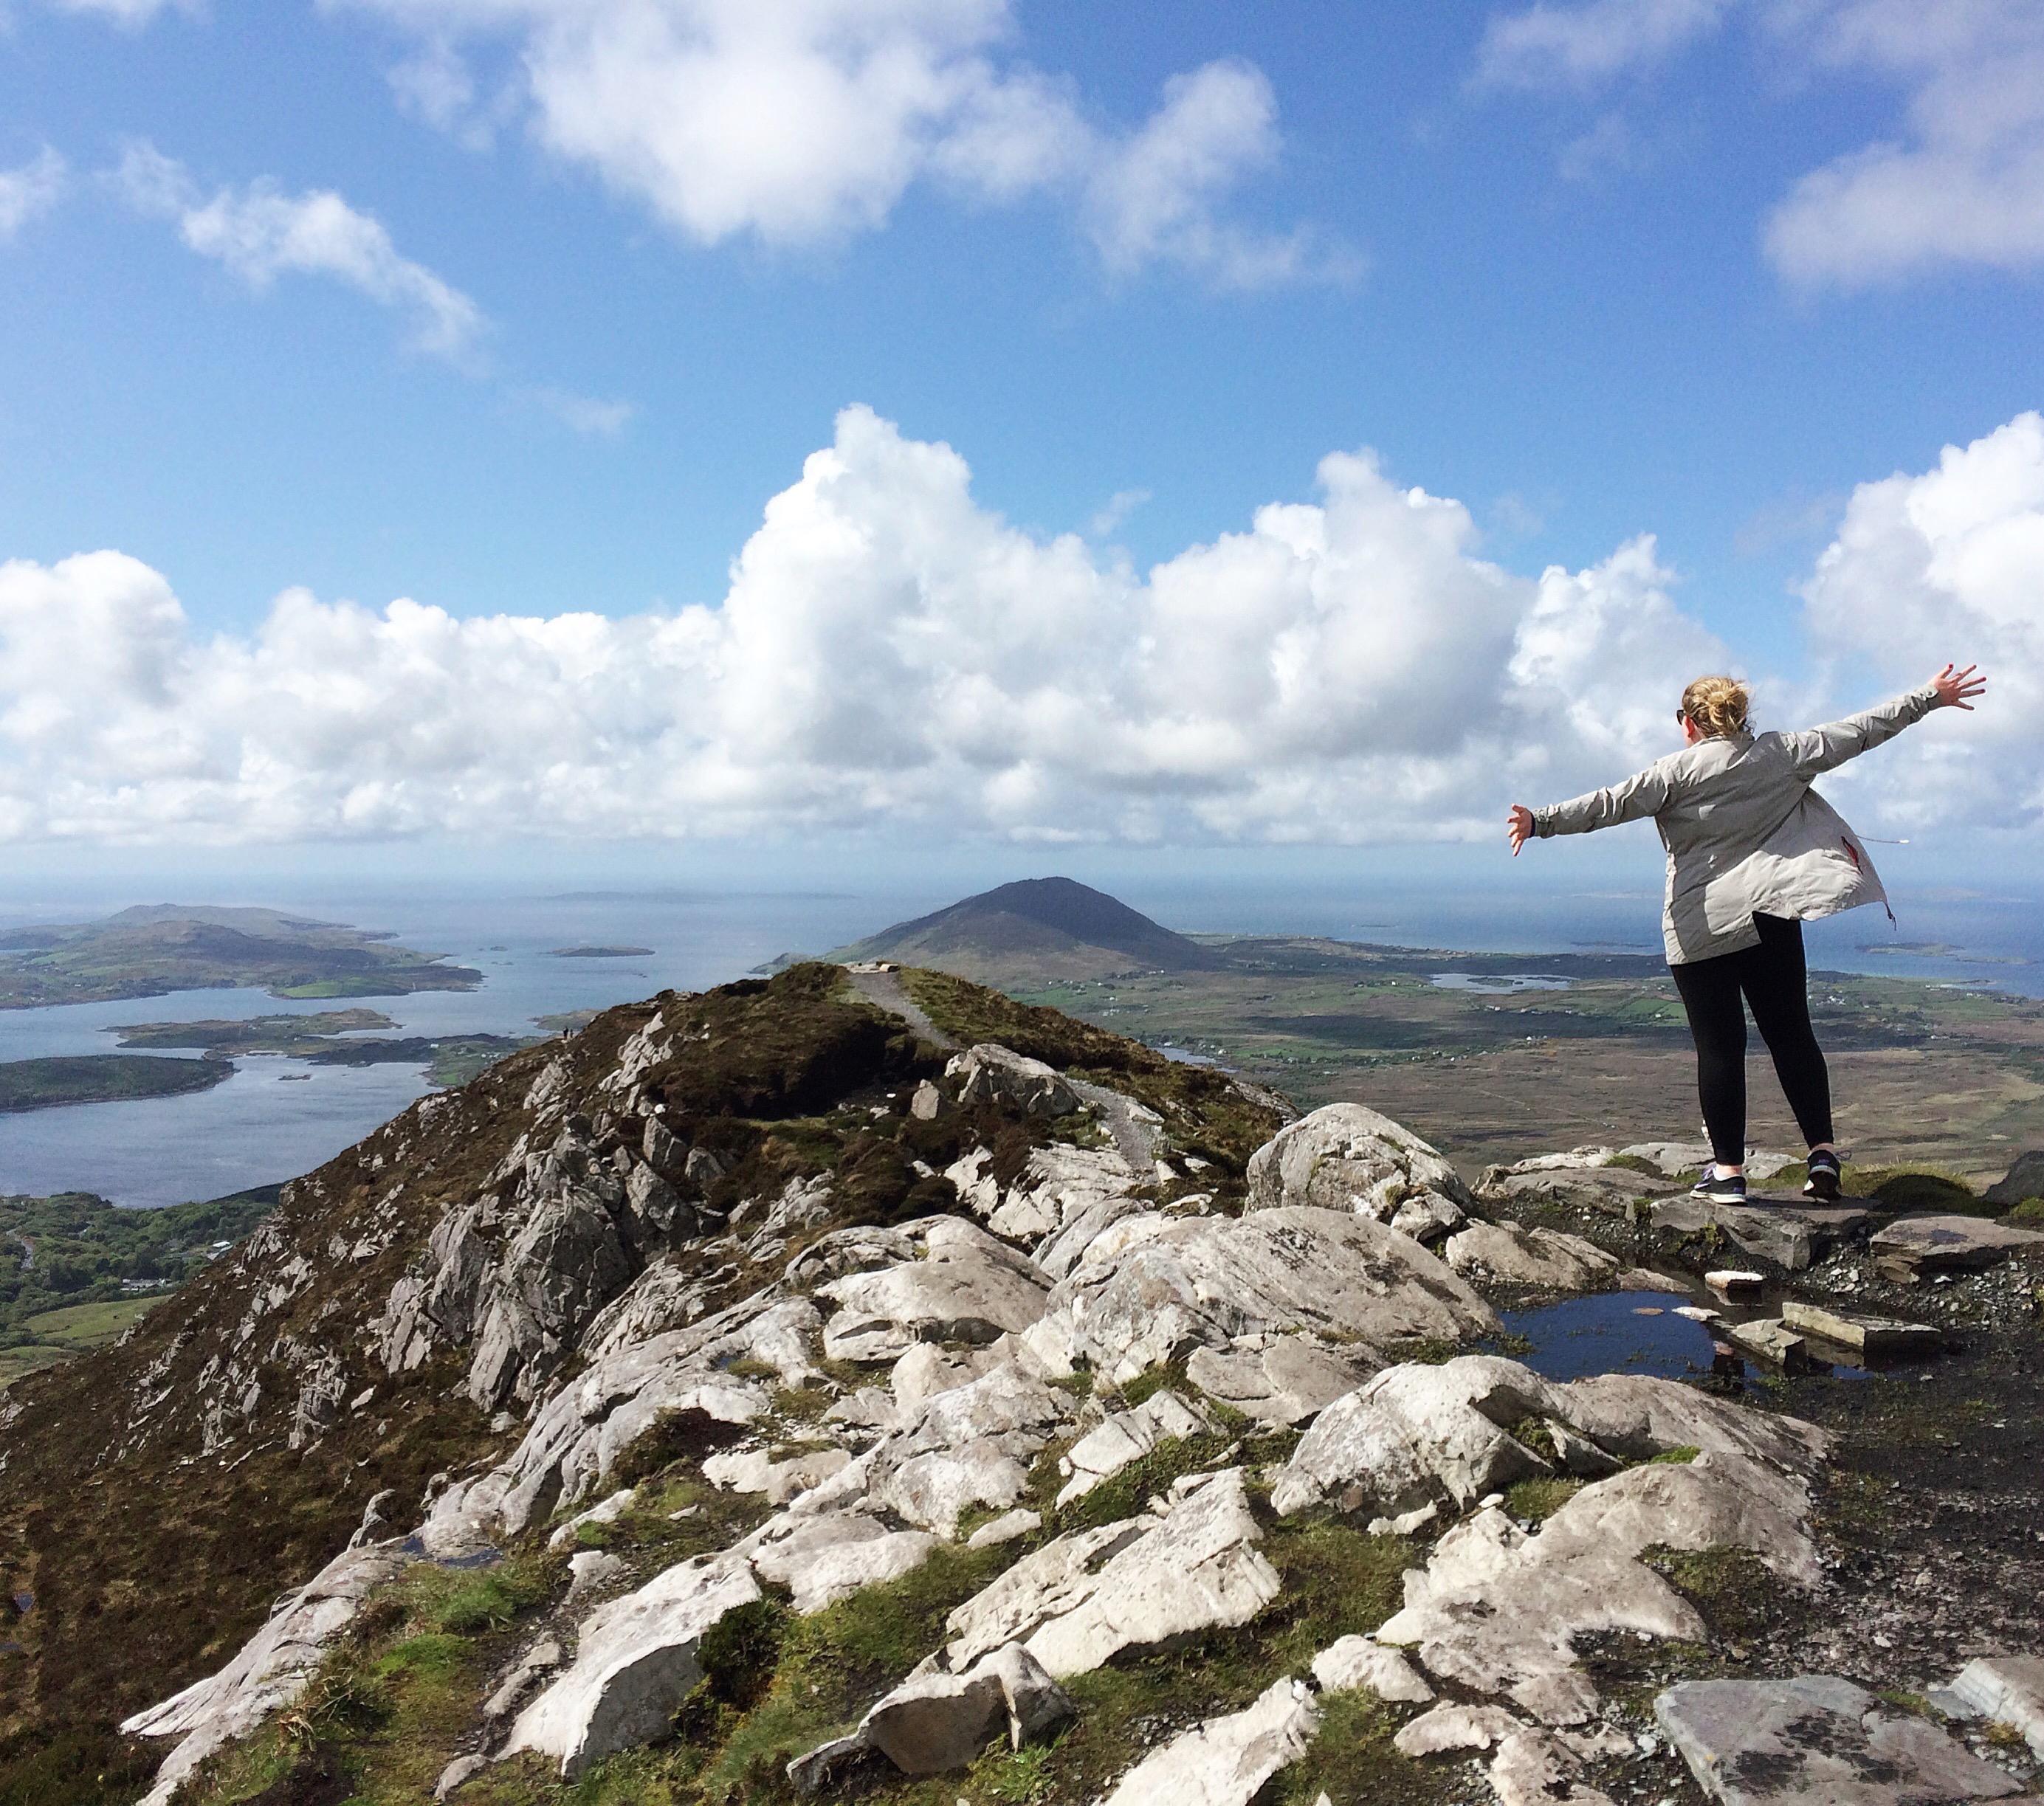 Cassie in Ireland